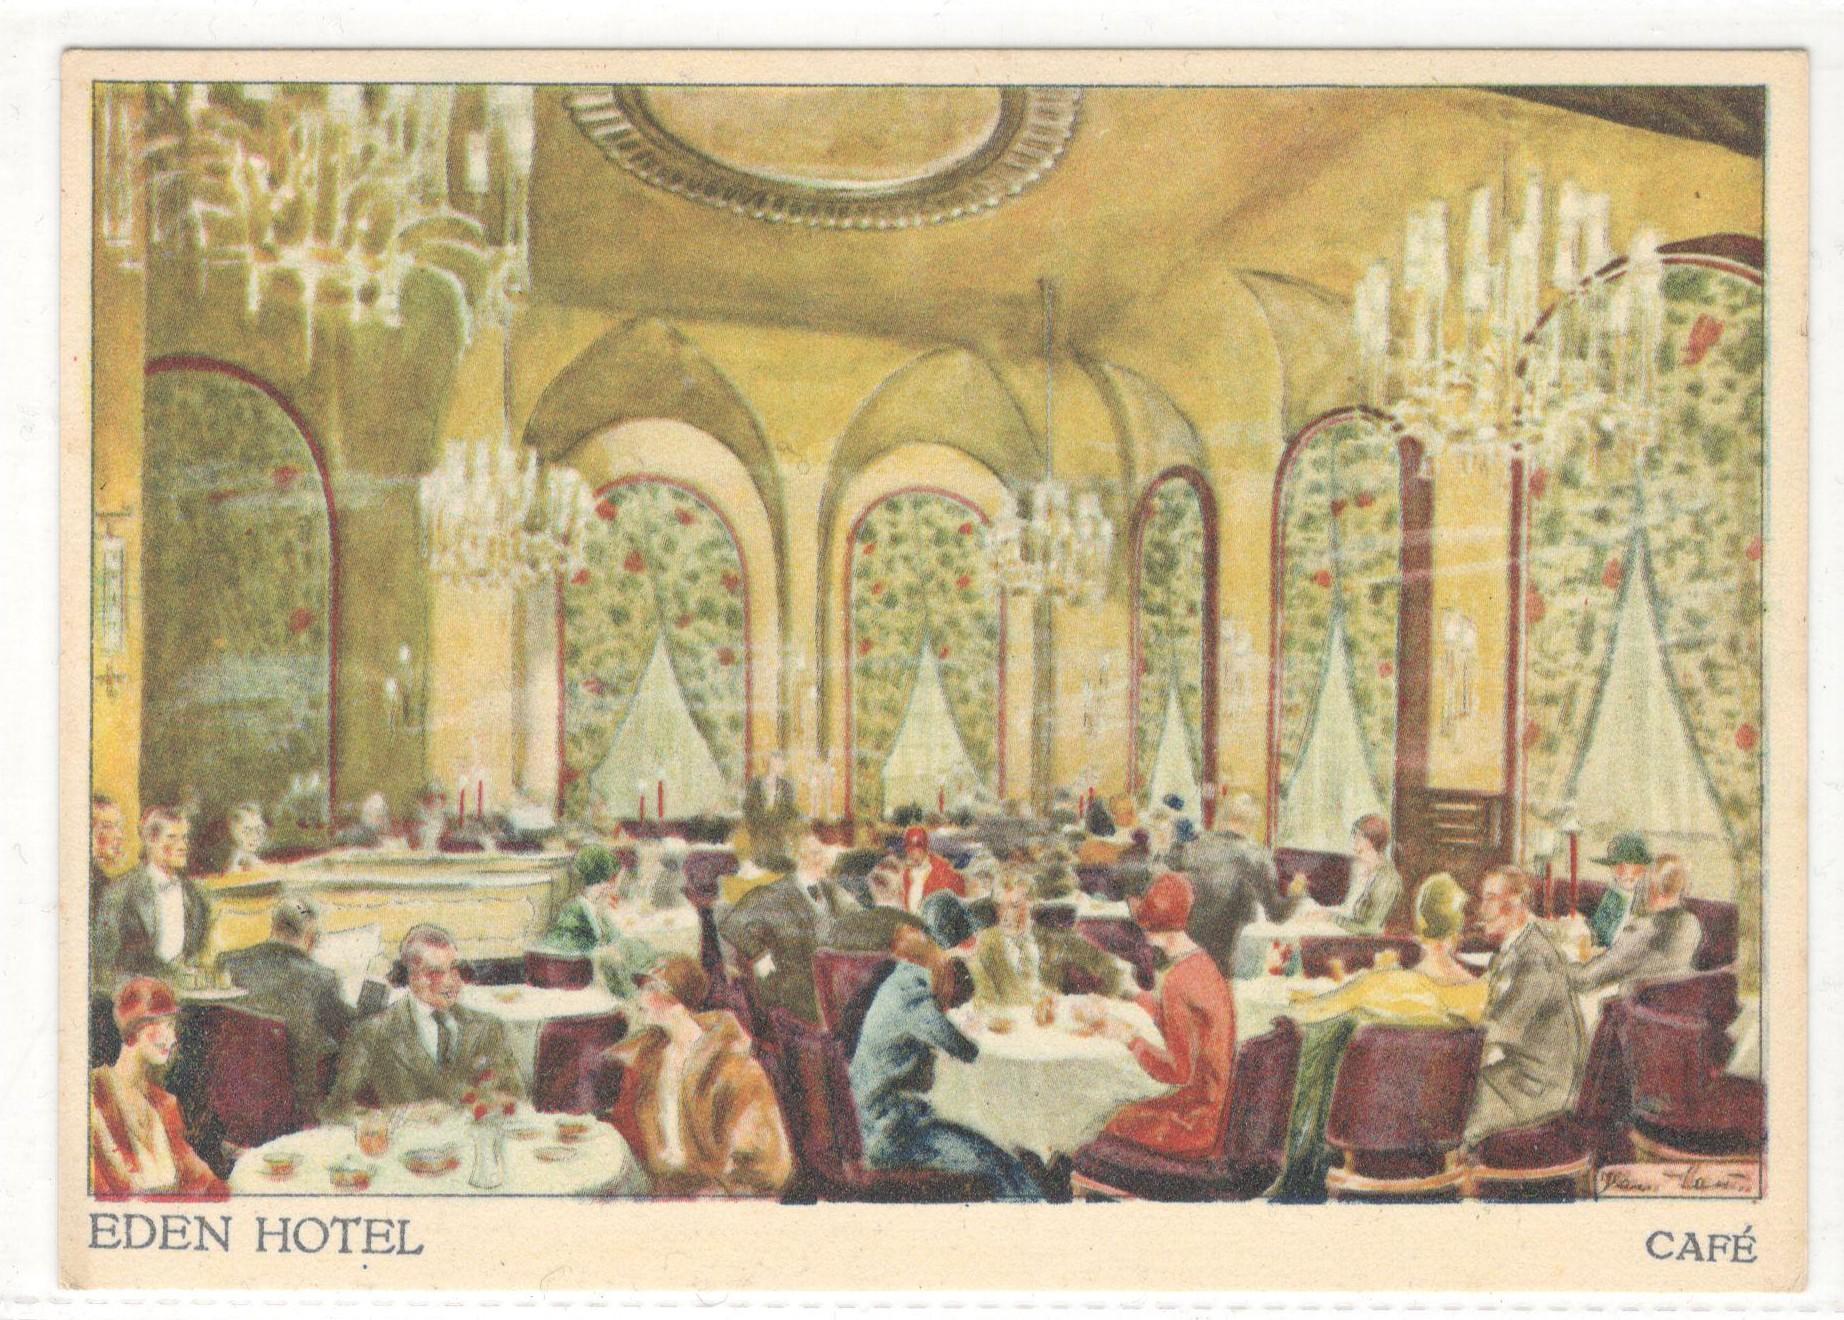 Lot 61 - FIVE VINTAGE EDEN HOTEL WEST BERLIN POSTCARDS